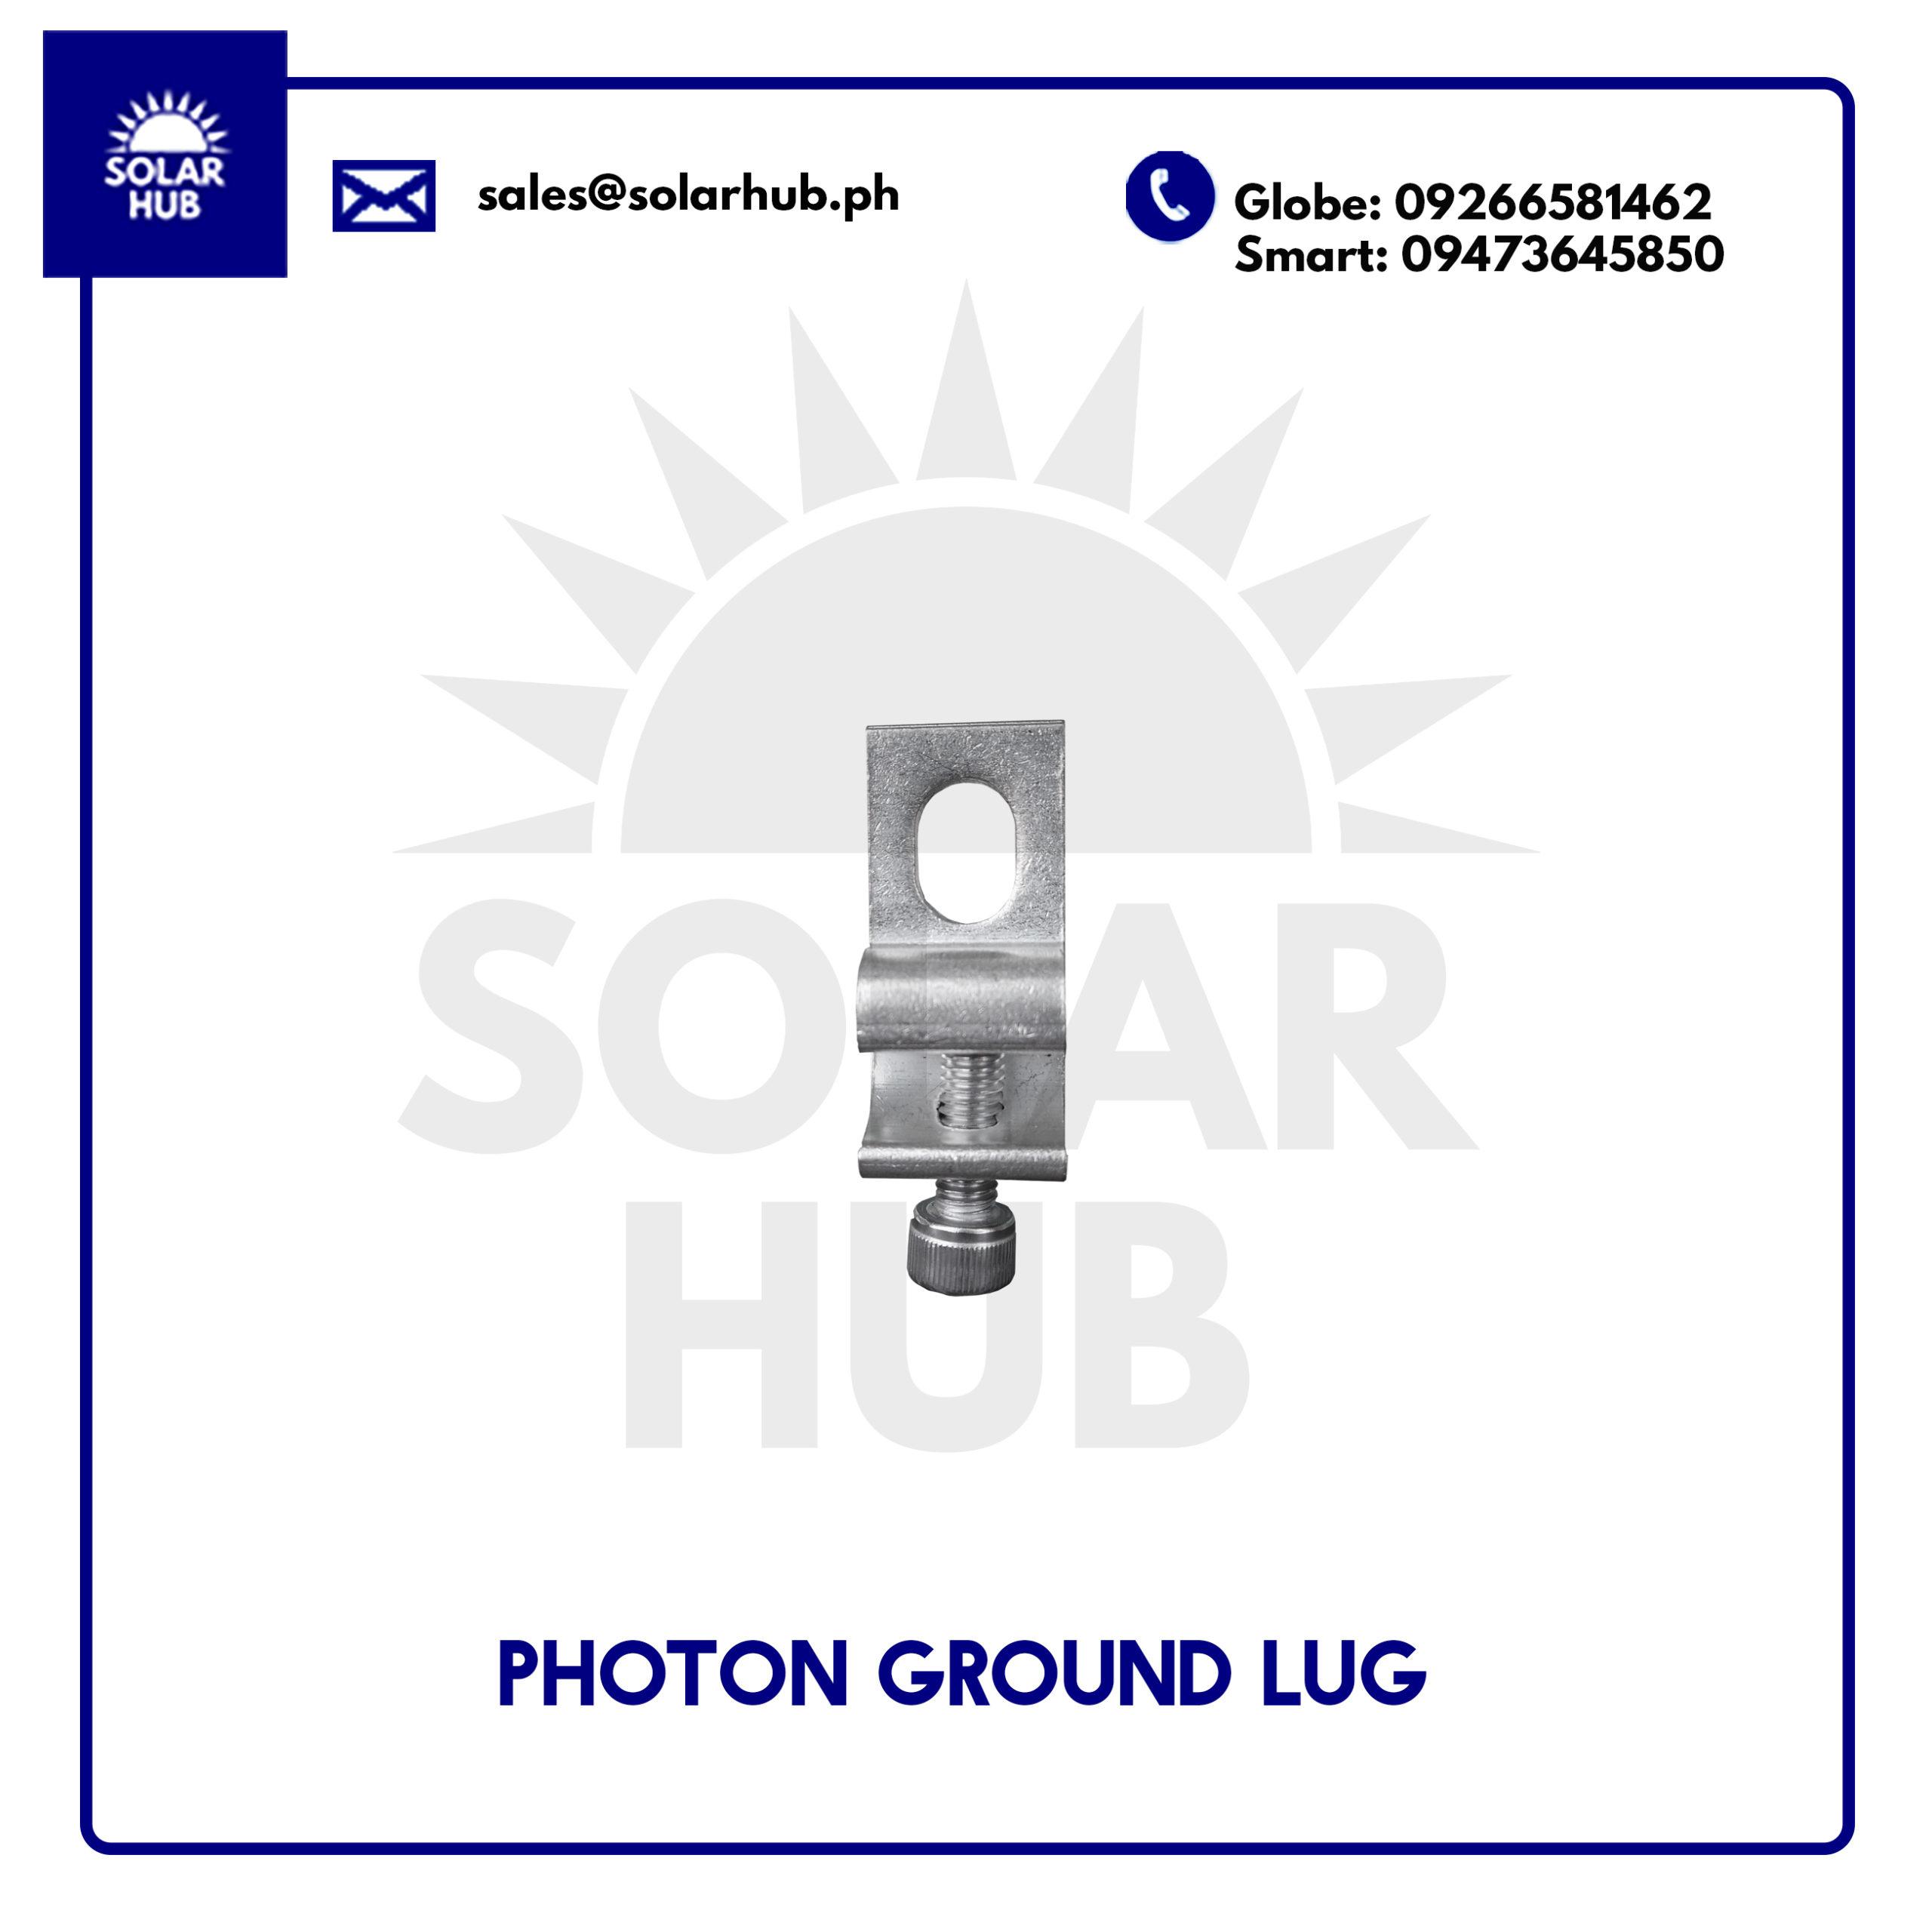 Photon Ground Lug